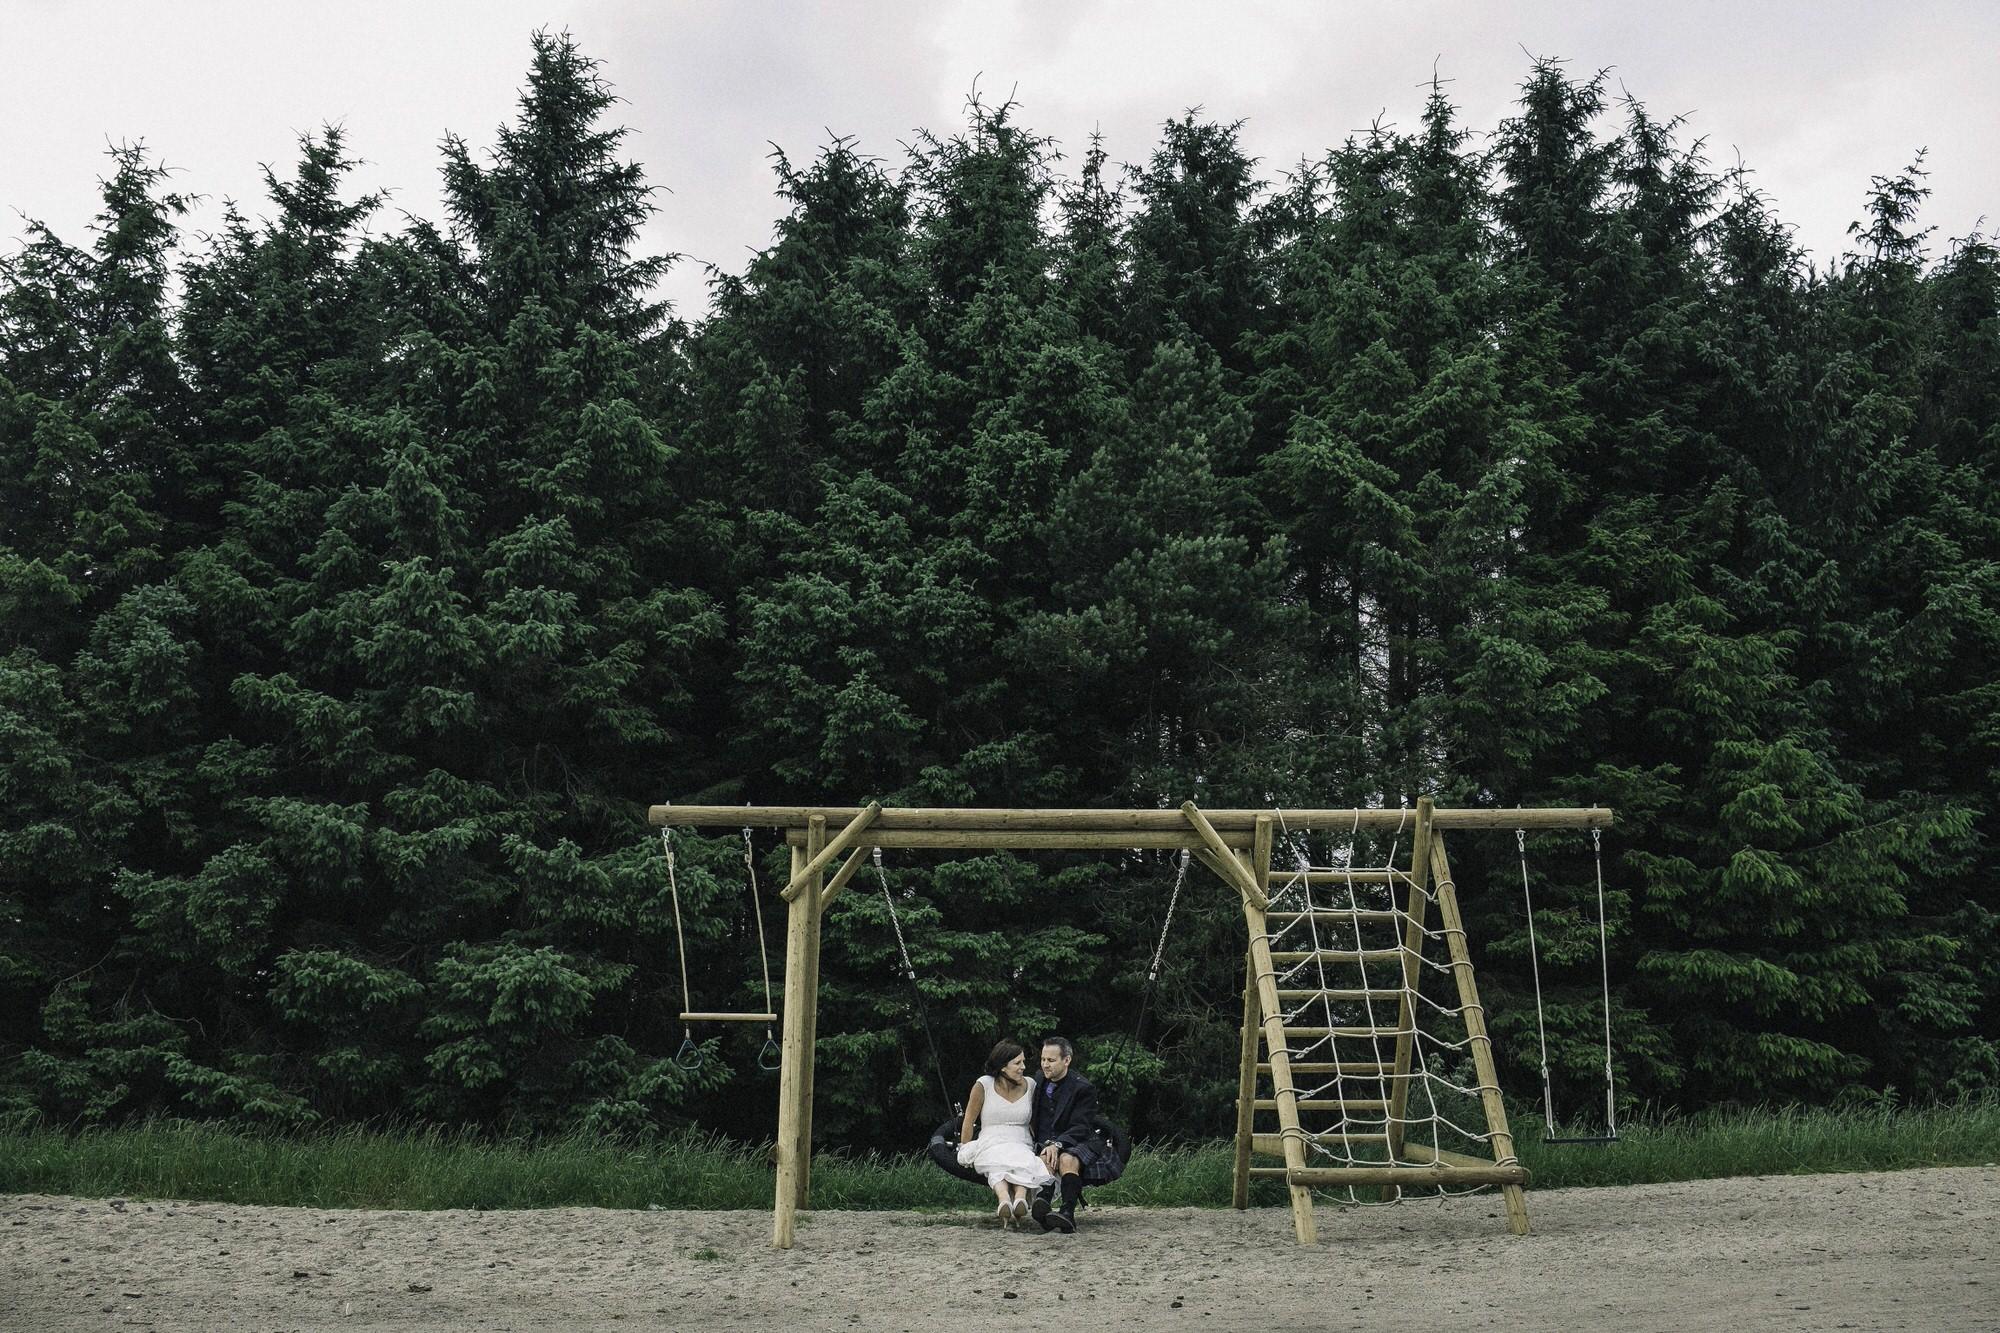 Bride + groom on swing